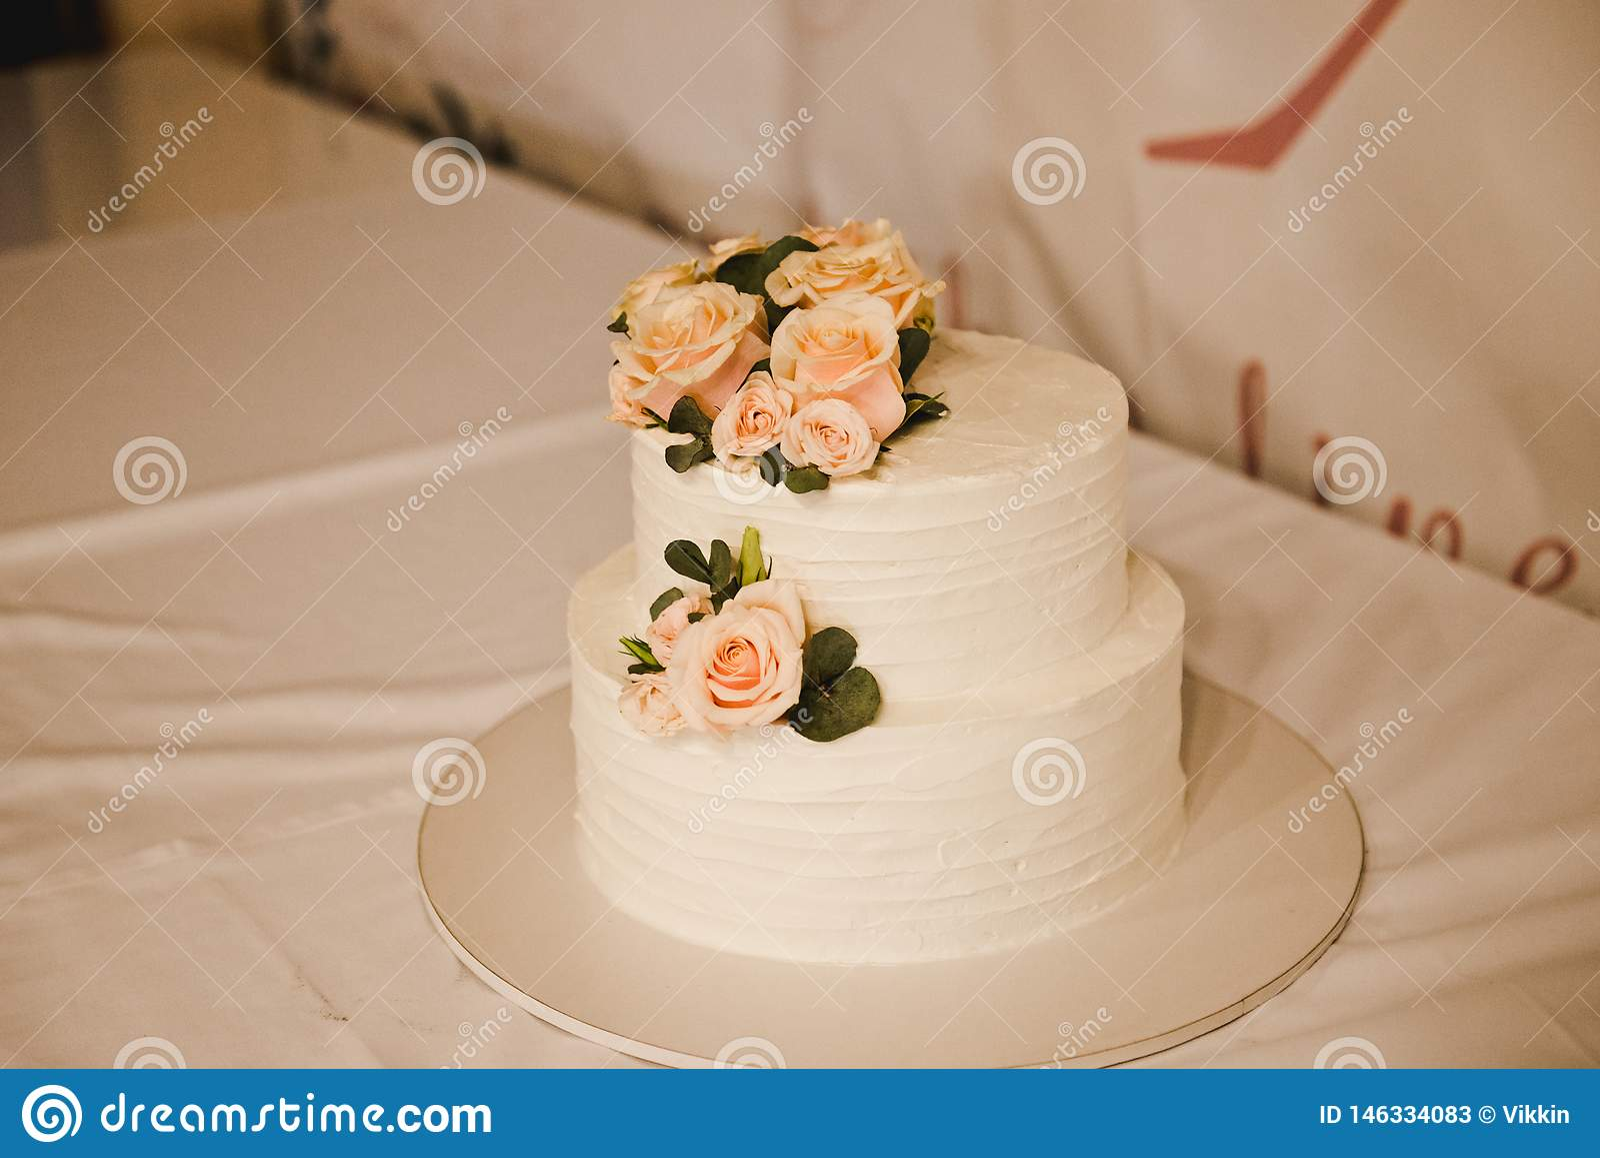 Bolo de casamento festivo com flores, flores cor-de-rosa-alaranjadas, beliche, bonito